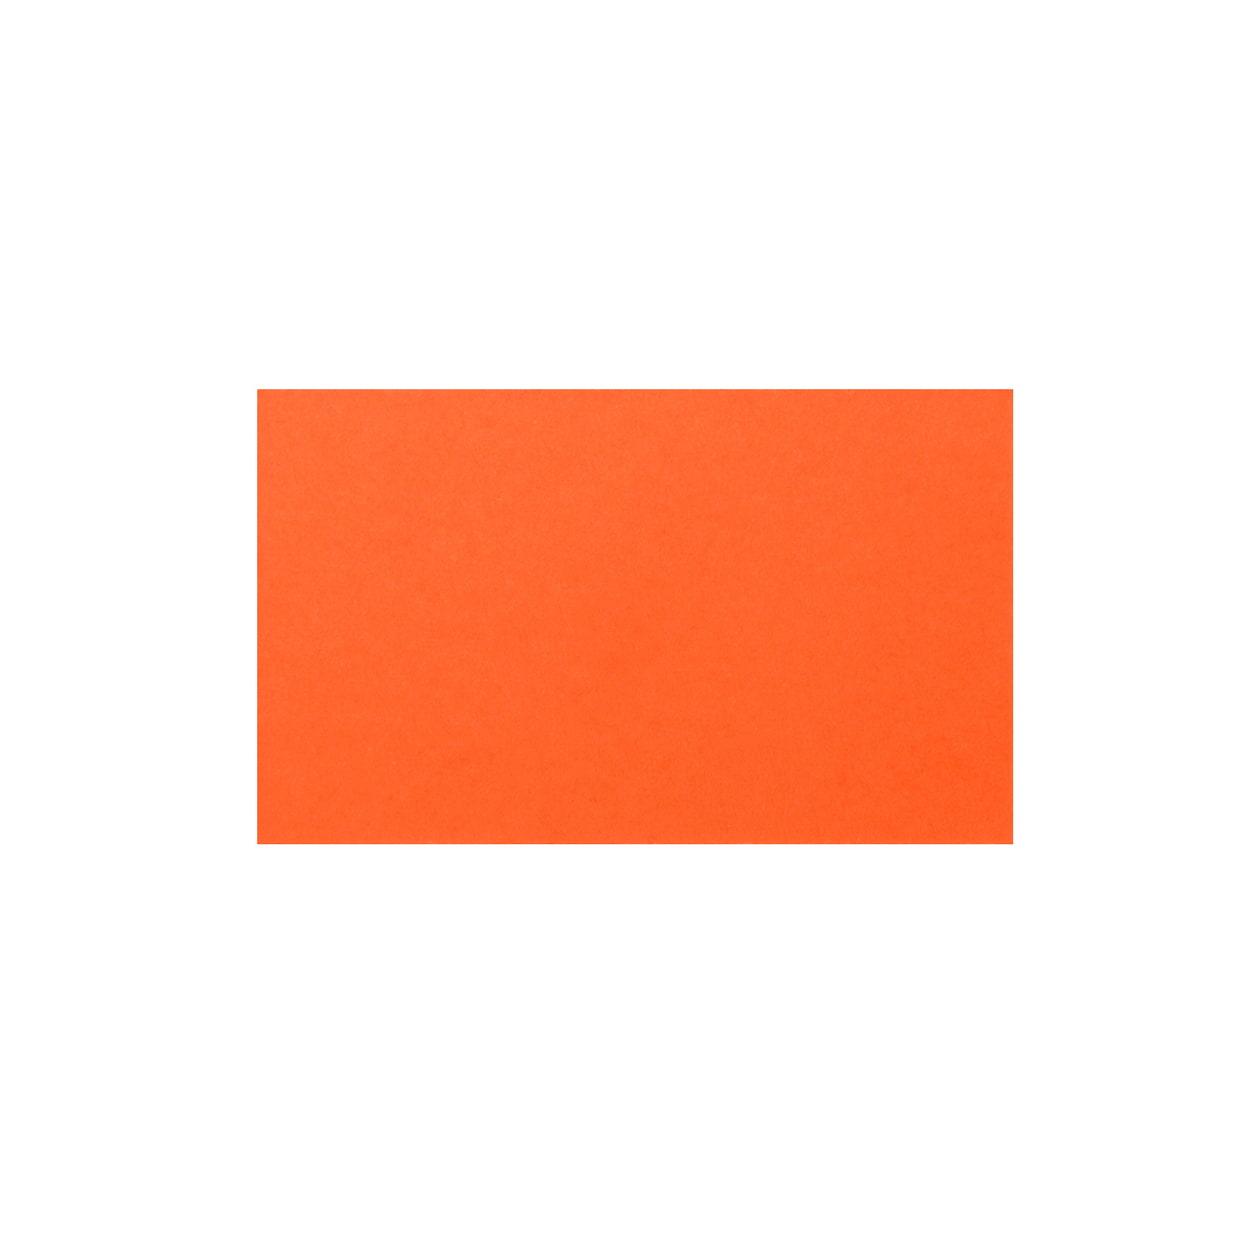 ネームカード 二層合紙ブラウン×オレンジ